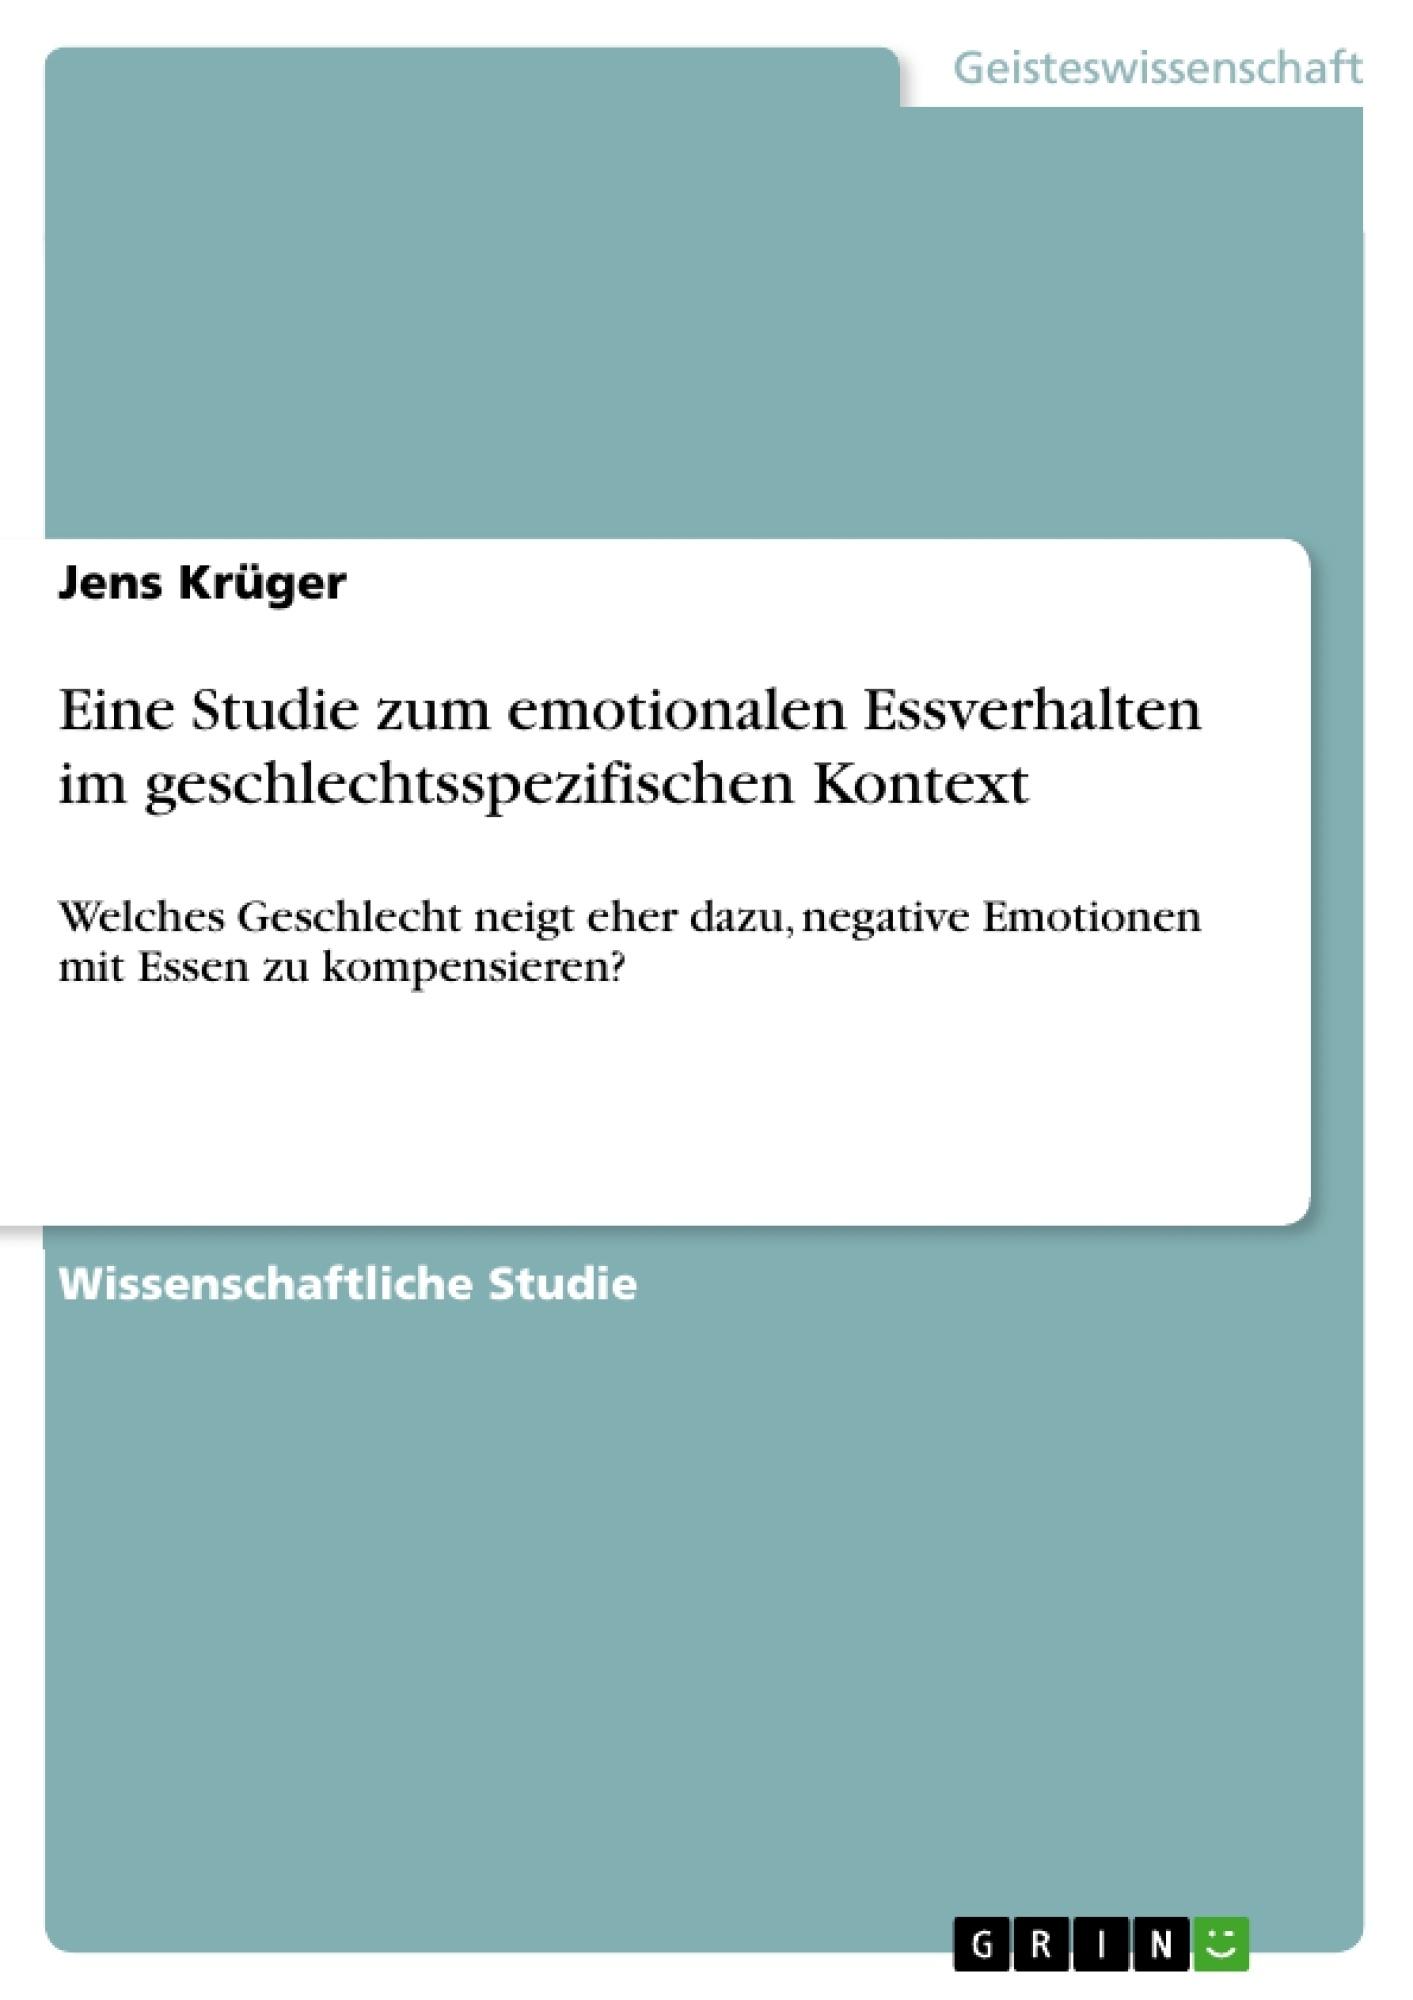 Titel: Eine Studie zum emotionalen Essverhalten im geschlechtsspezifischen Kontext